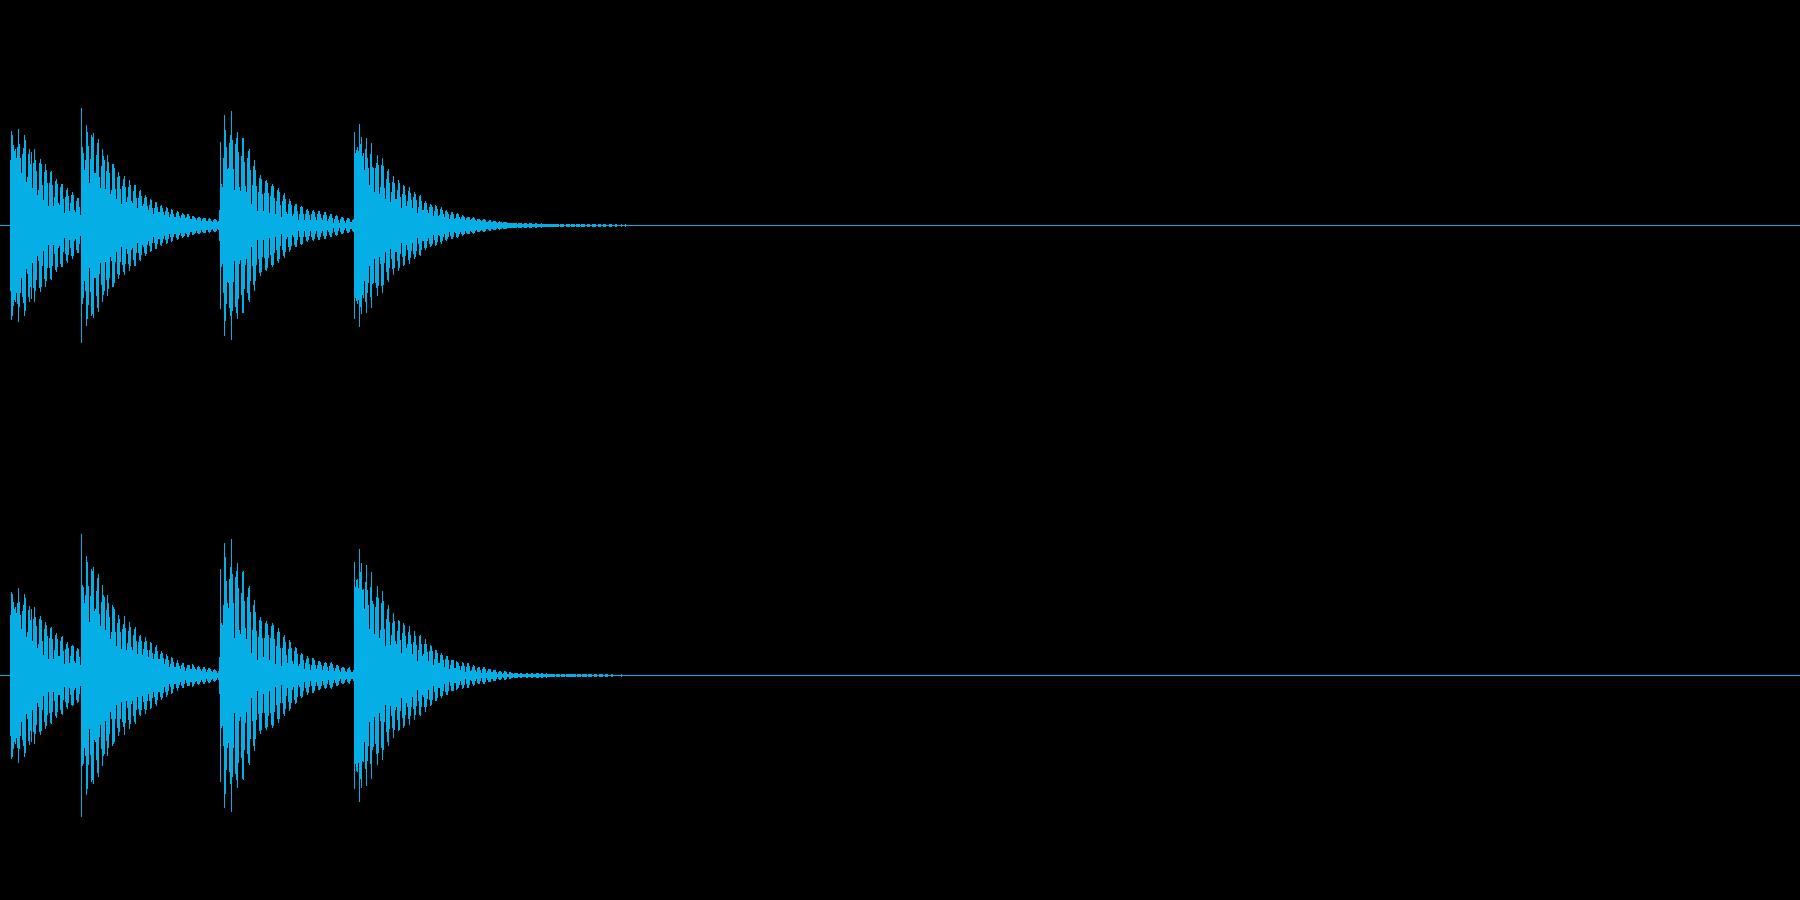 低い木琴ジングルの再生済みの波形